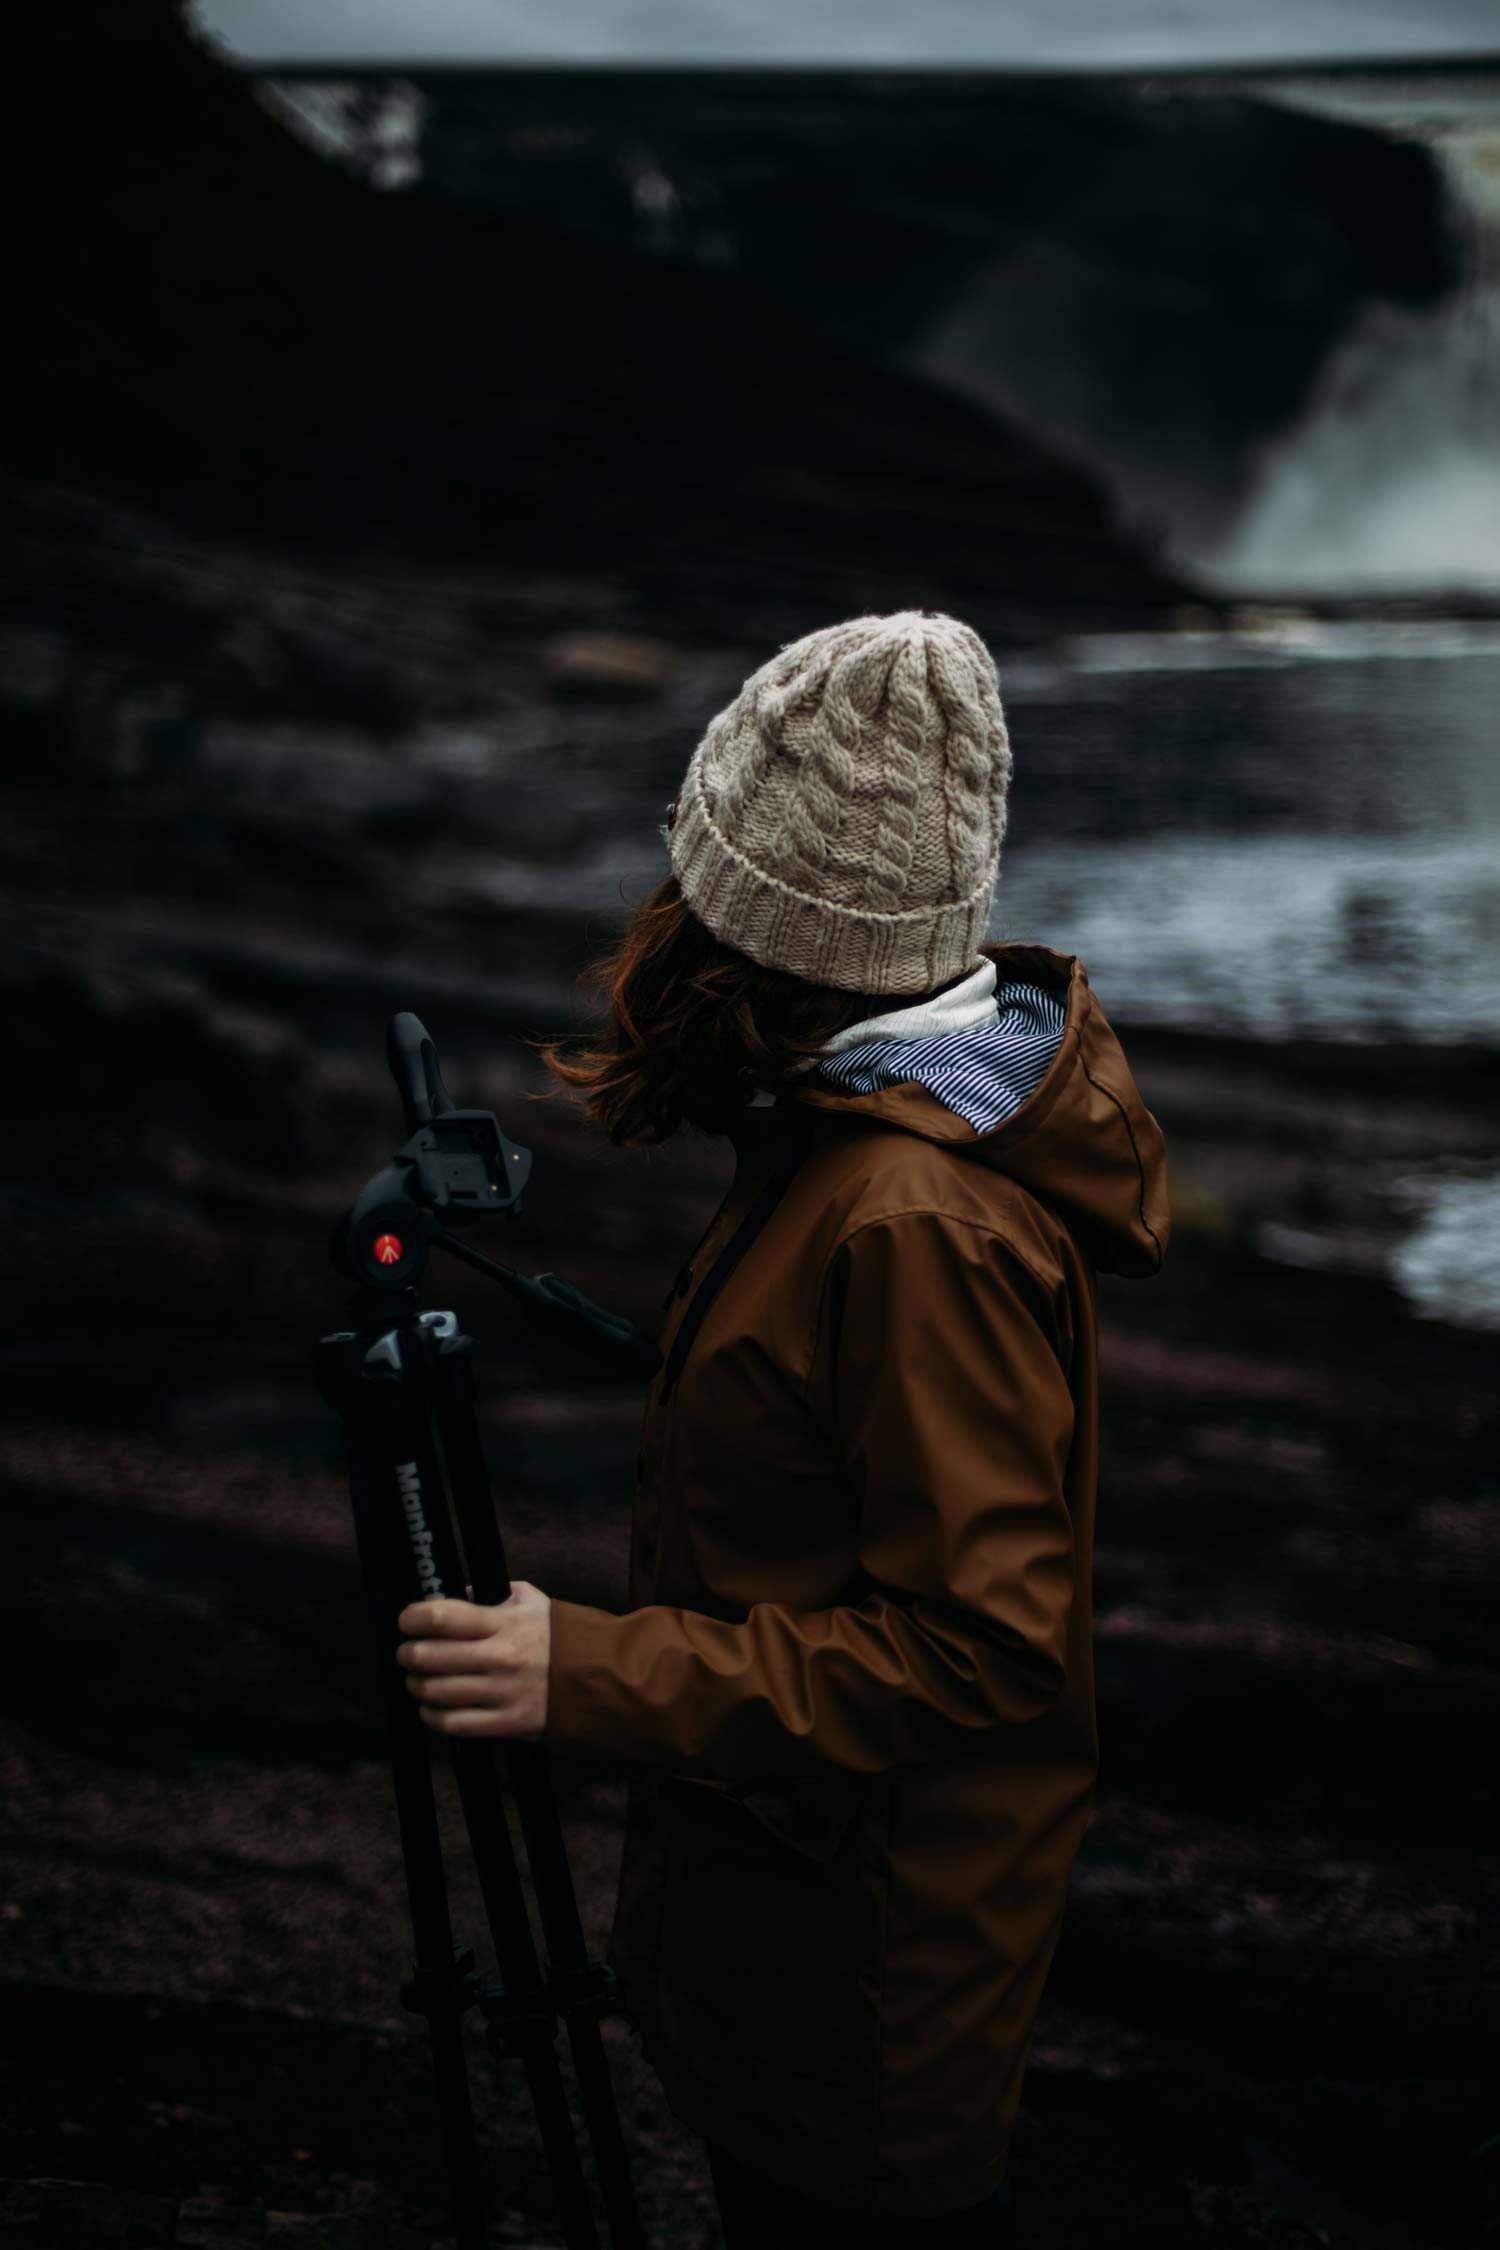 équipement photo blog voyage